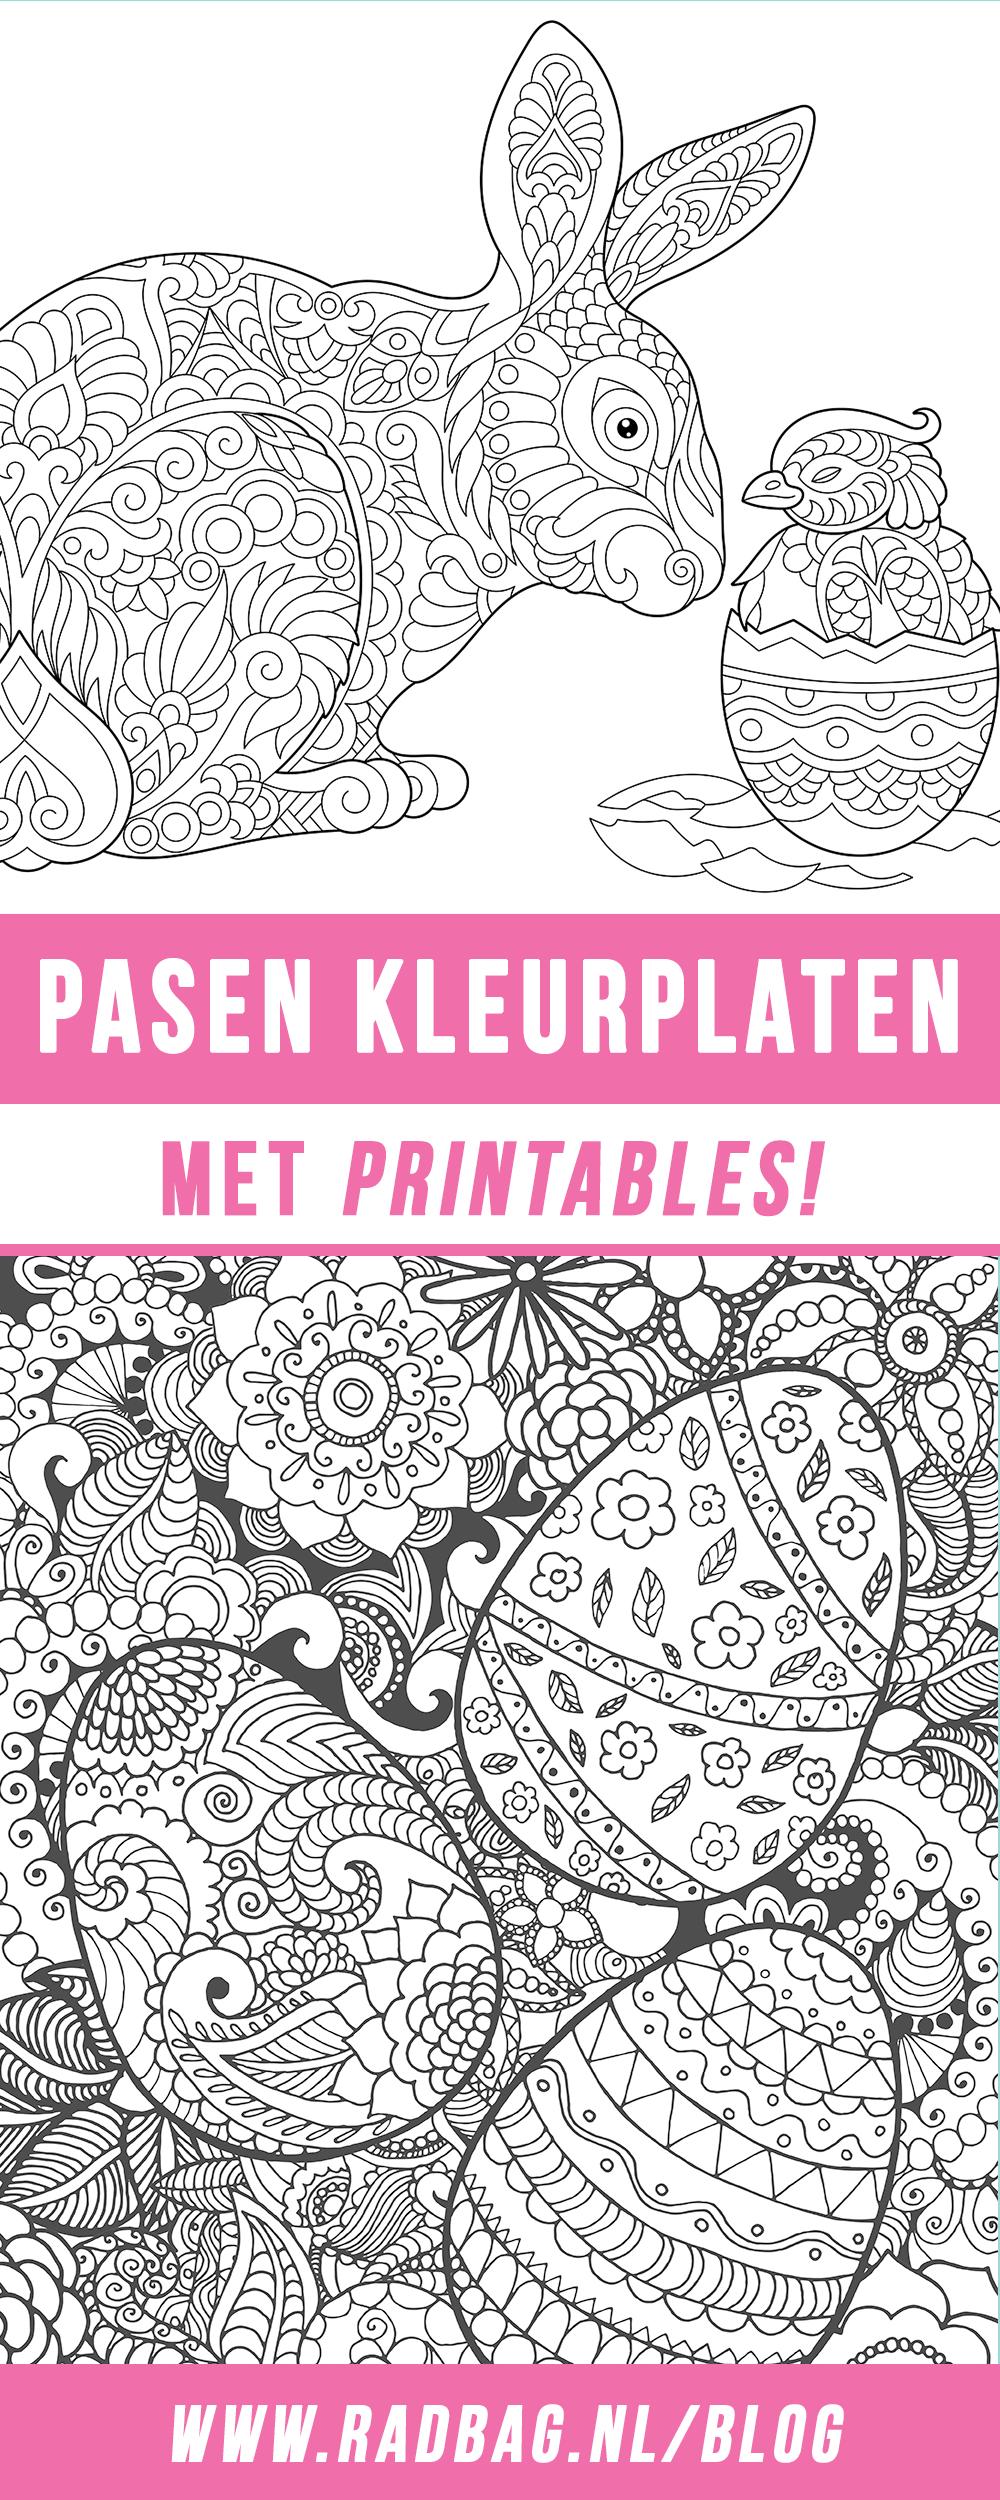 kleurplaten voor pasen met gratis printables voor jong